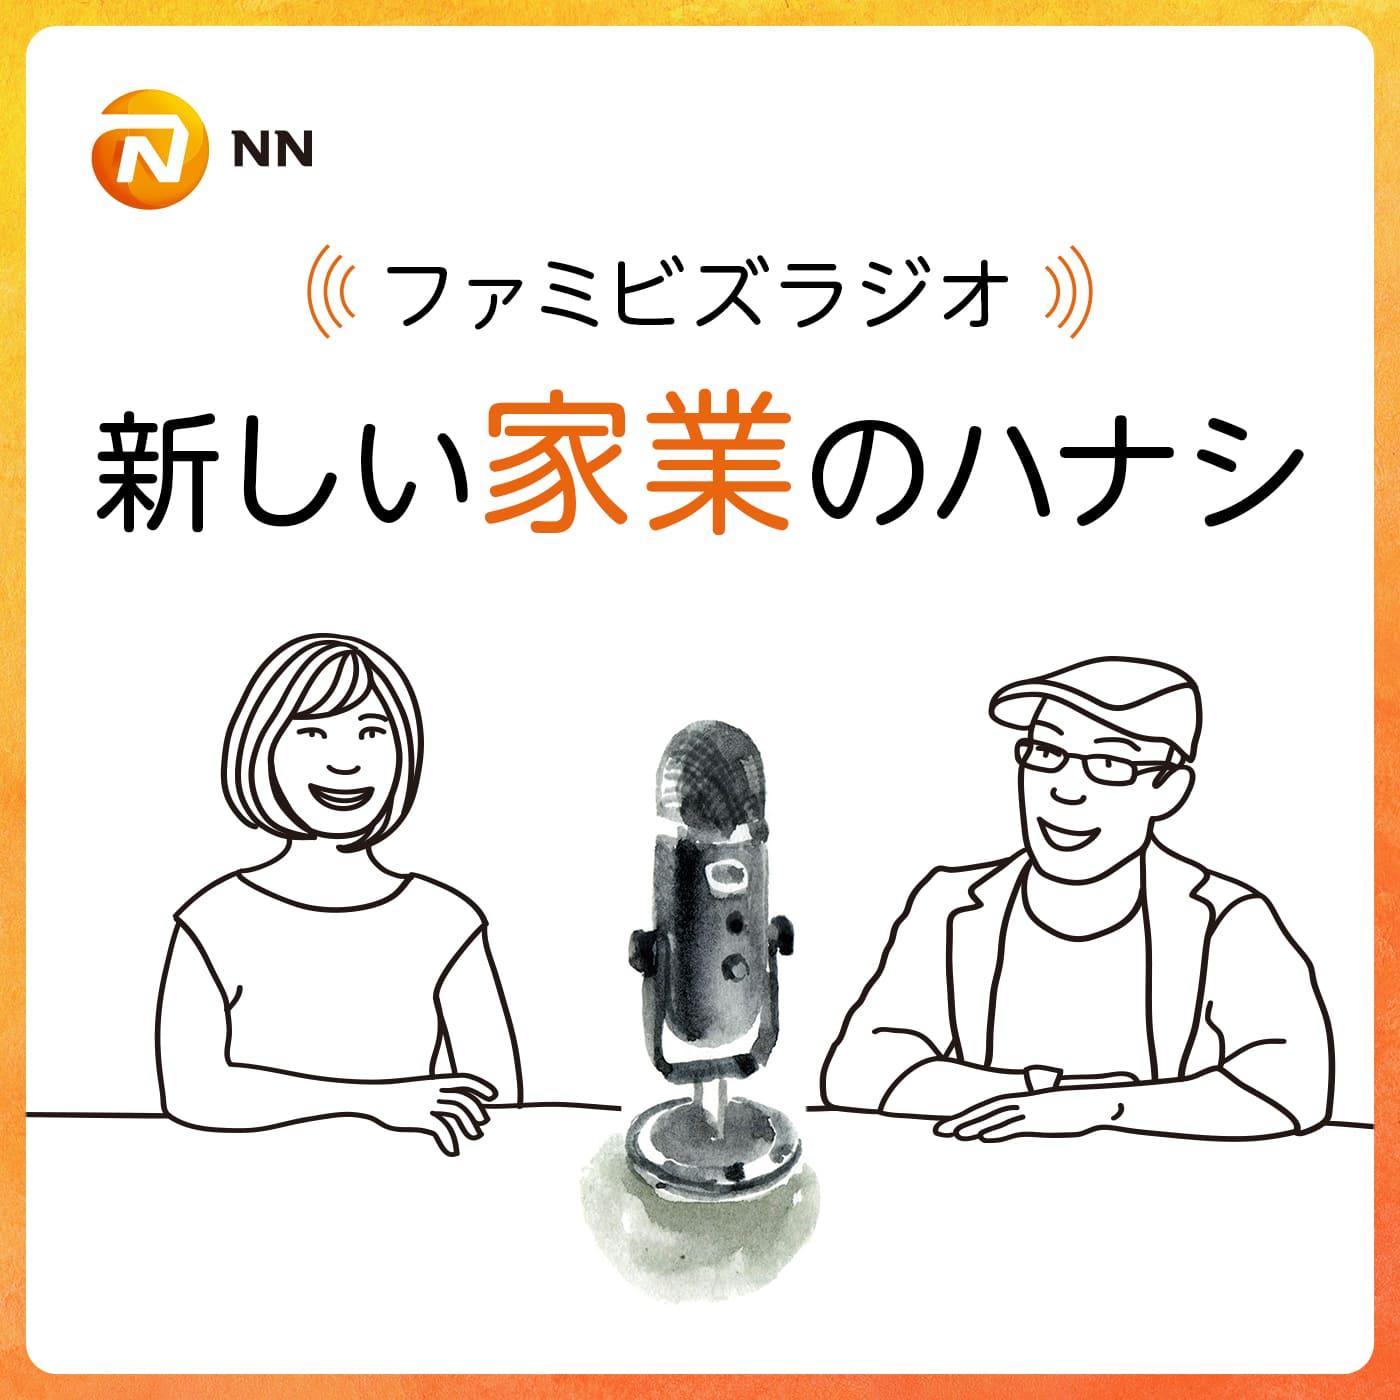 ファミビズラジオ - 新しい家業のハナシ